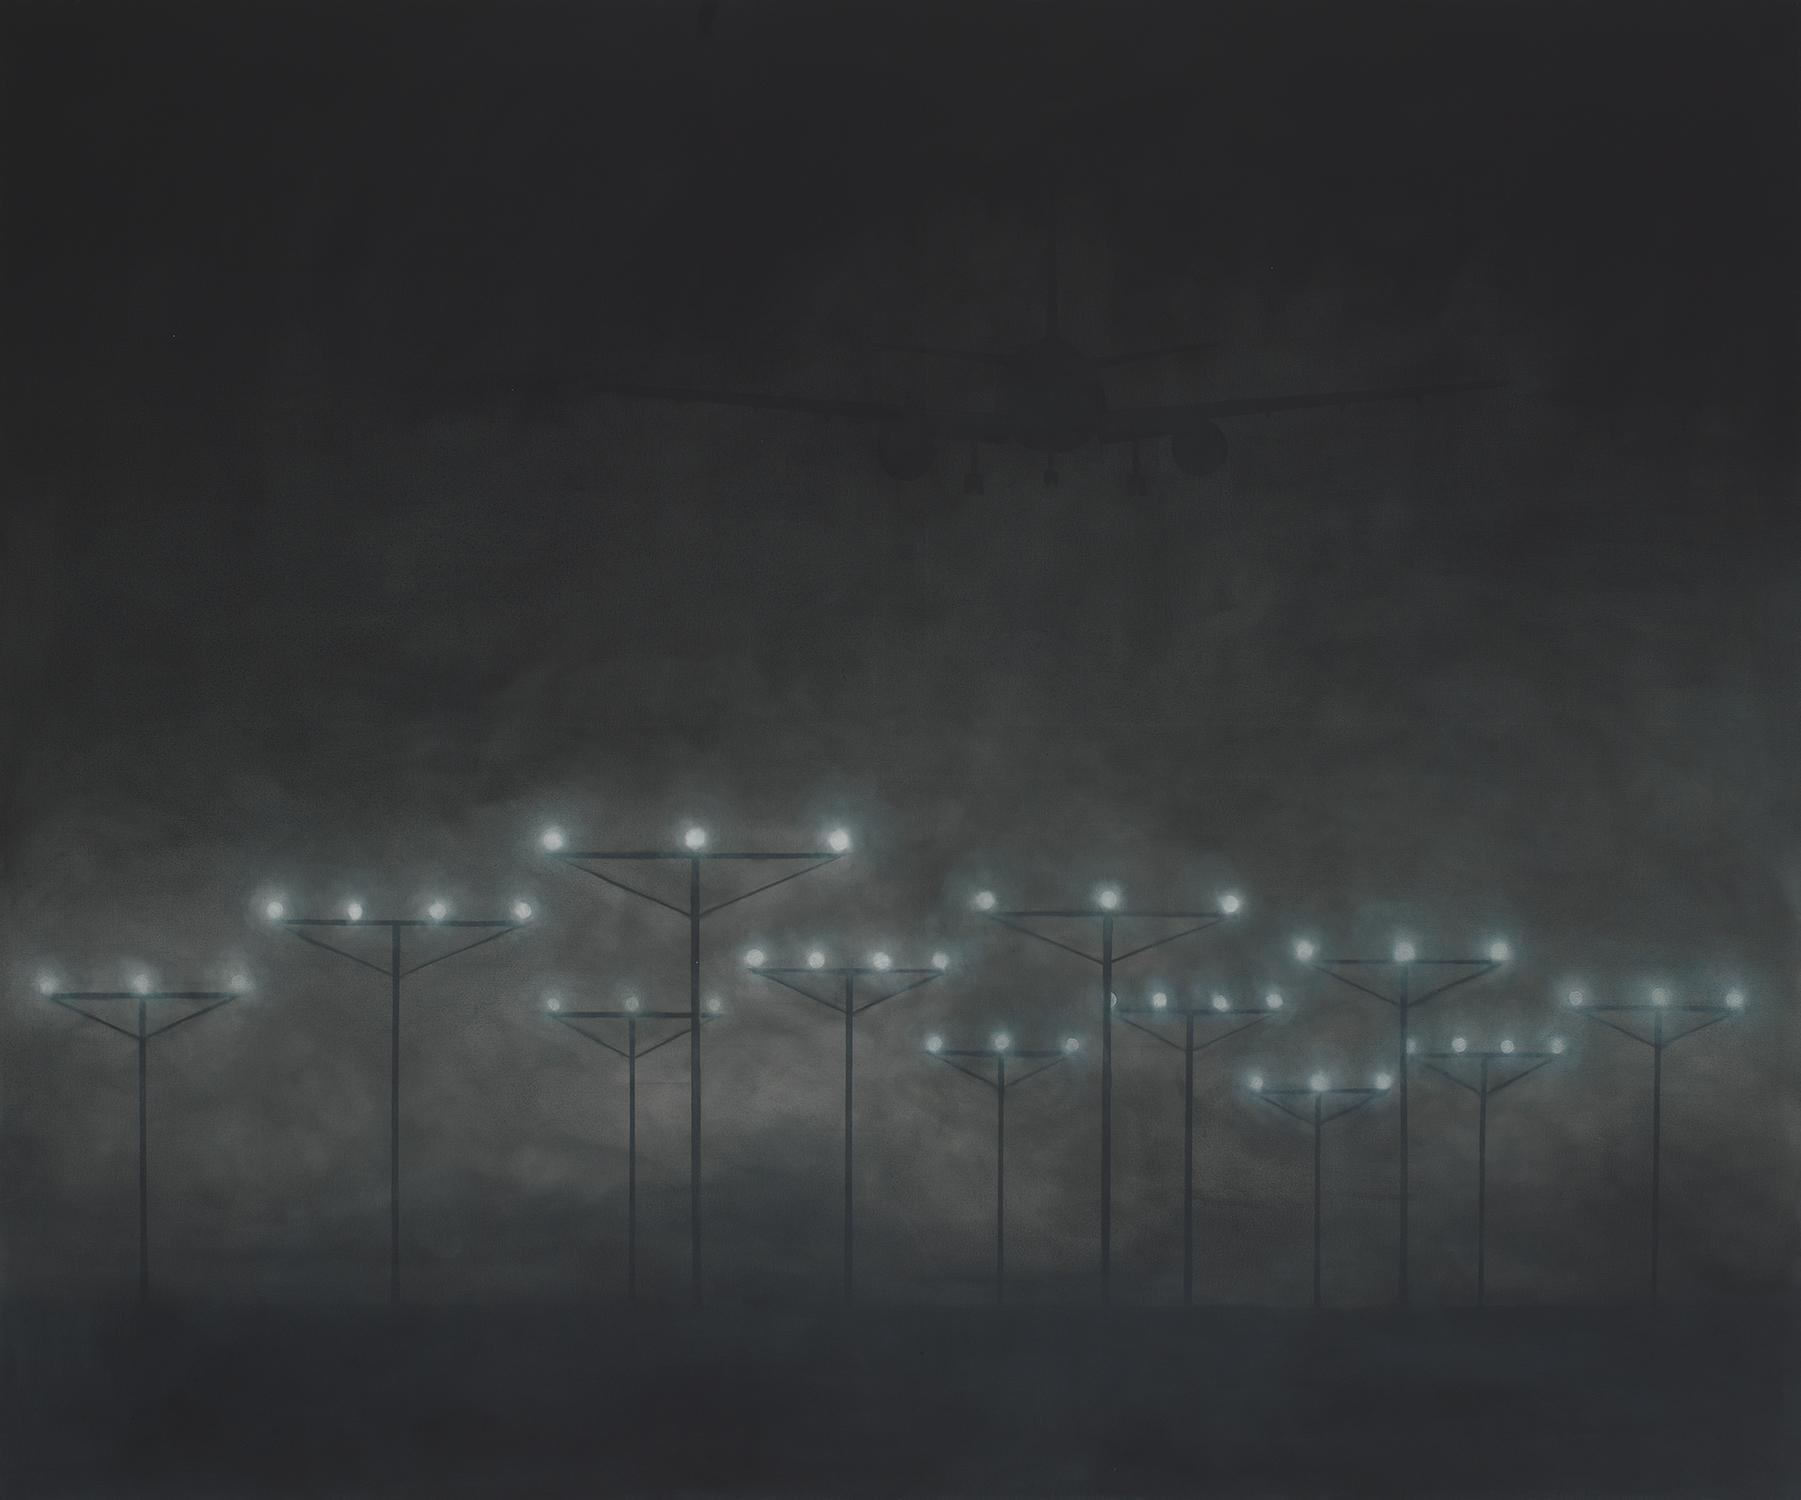 Blackout, 2014